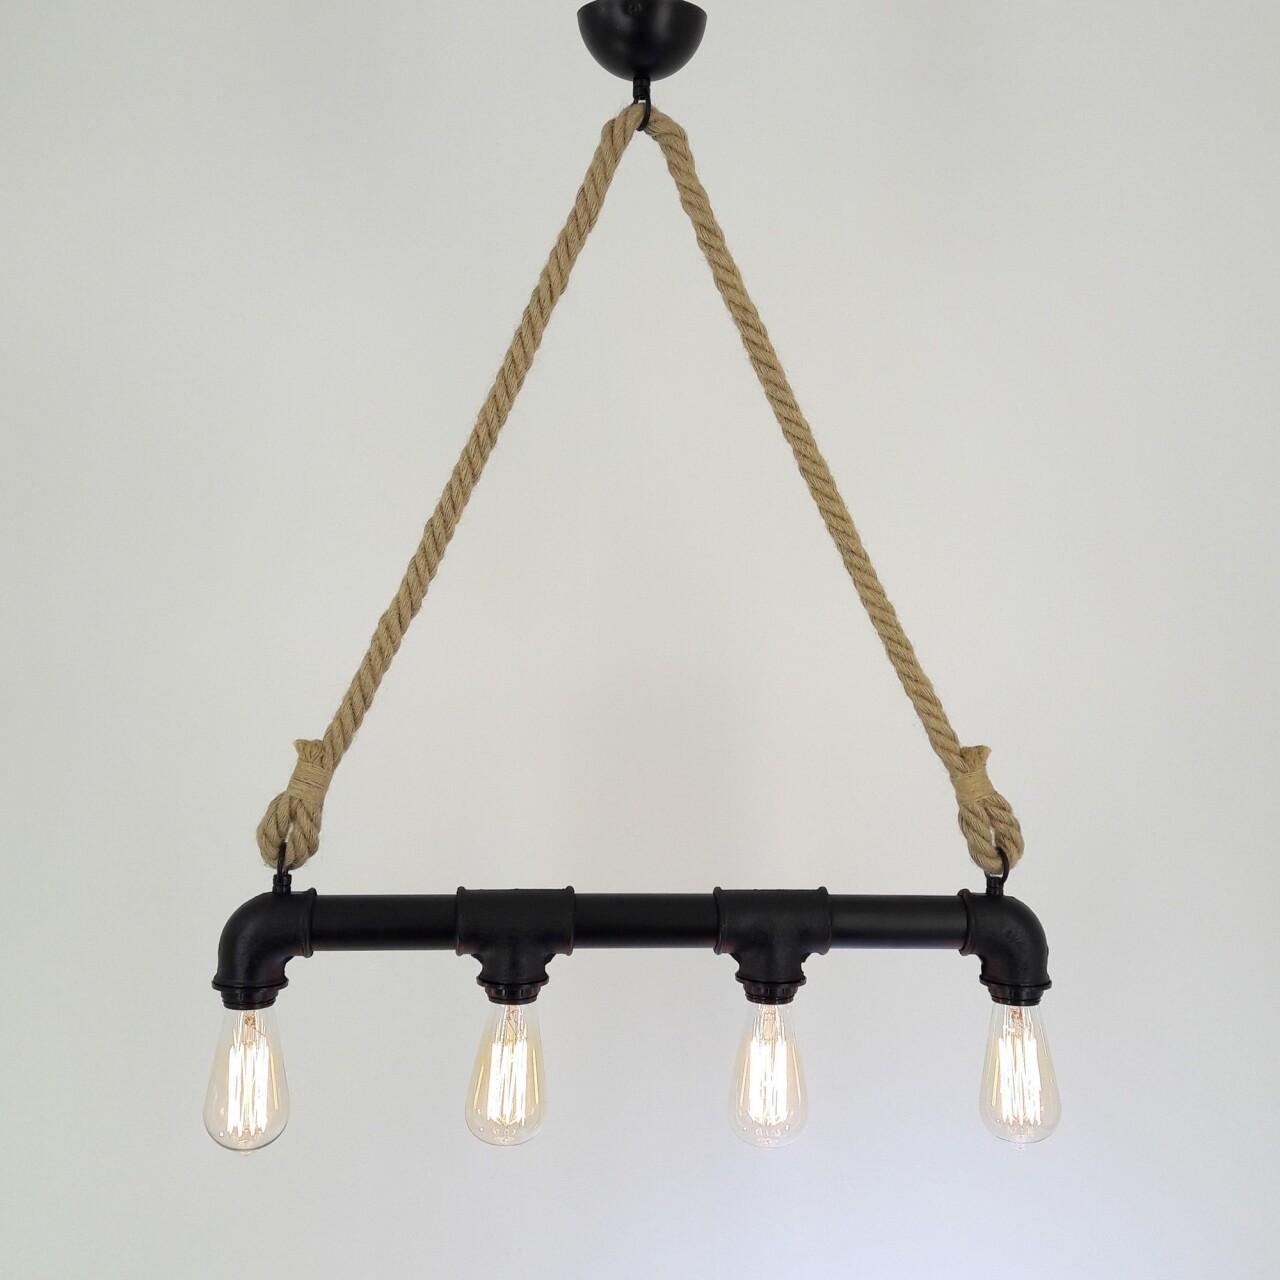 Candelabru All Design, metal, 68x67 cm, Black